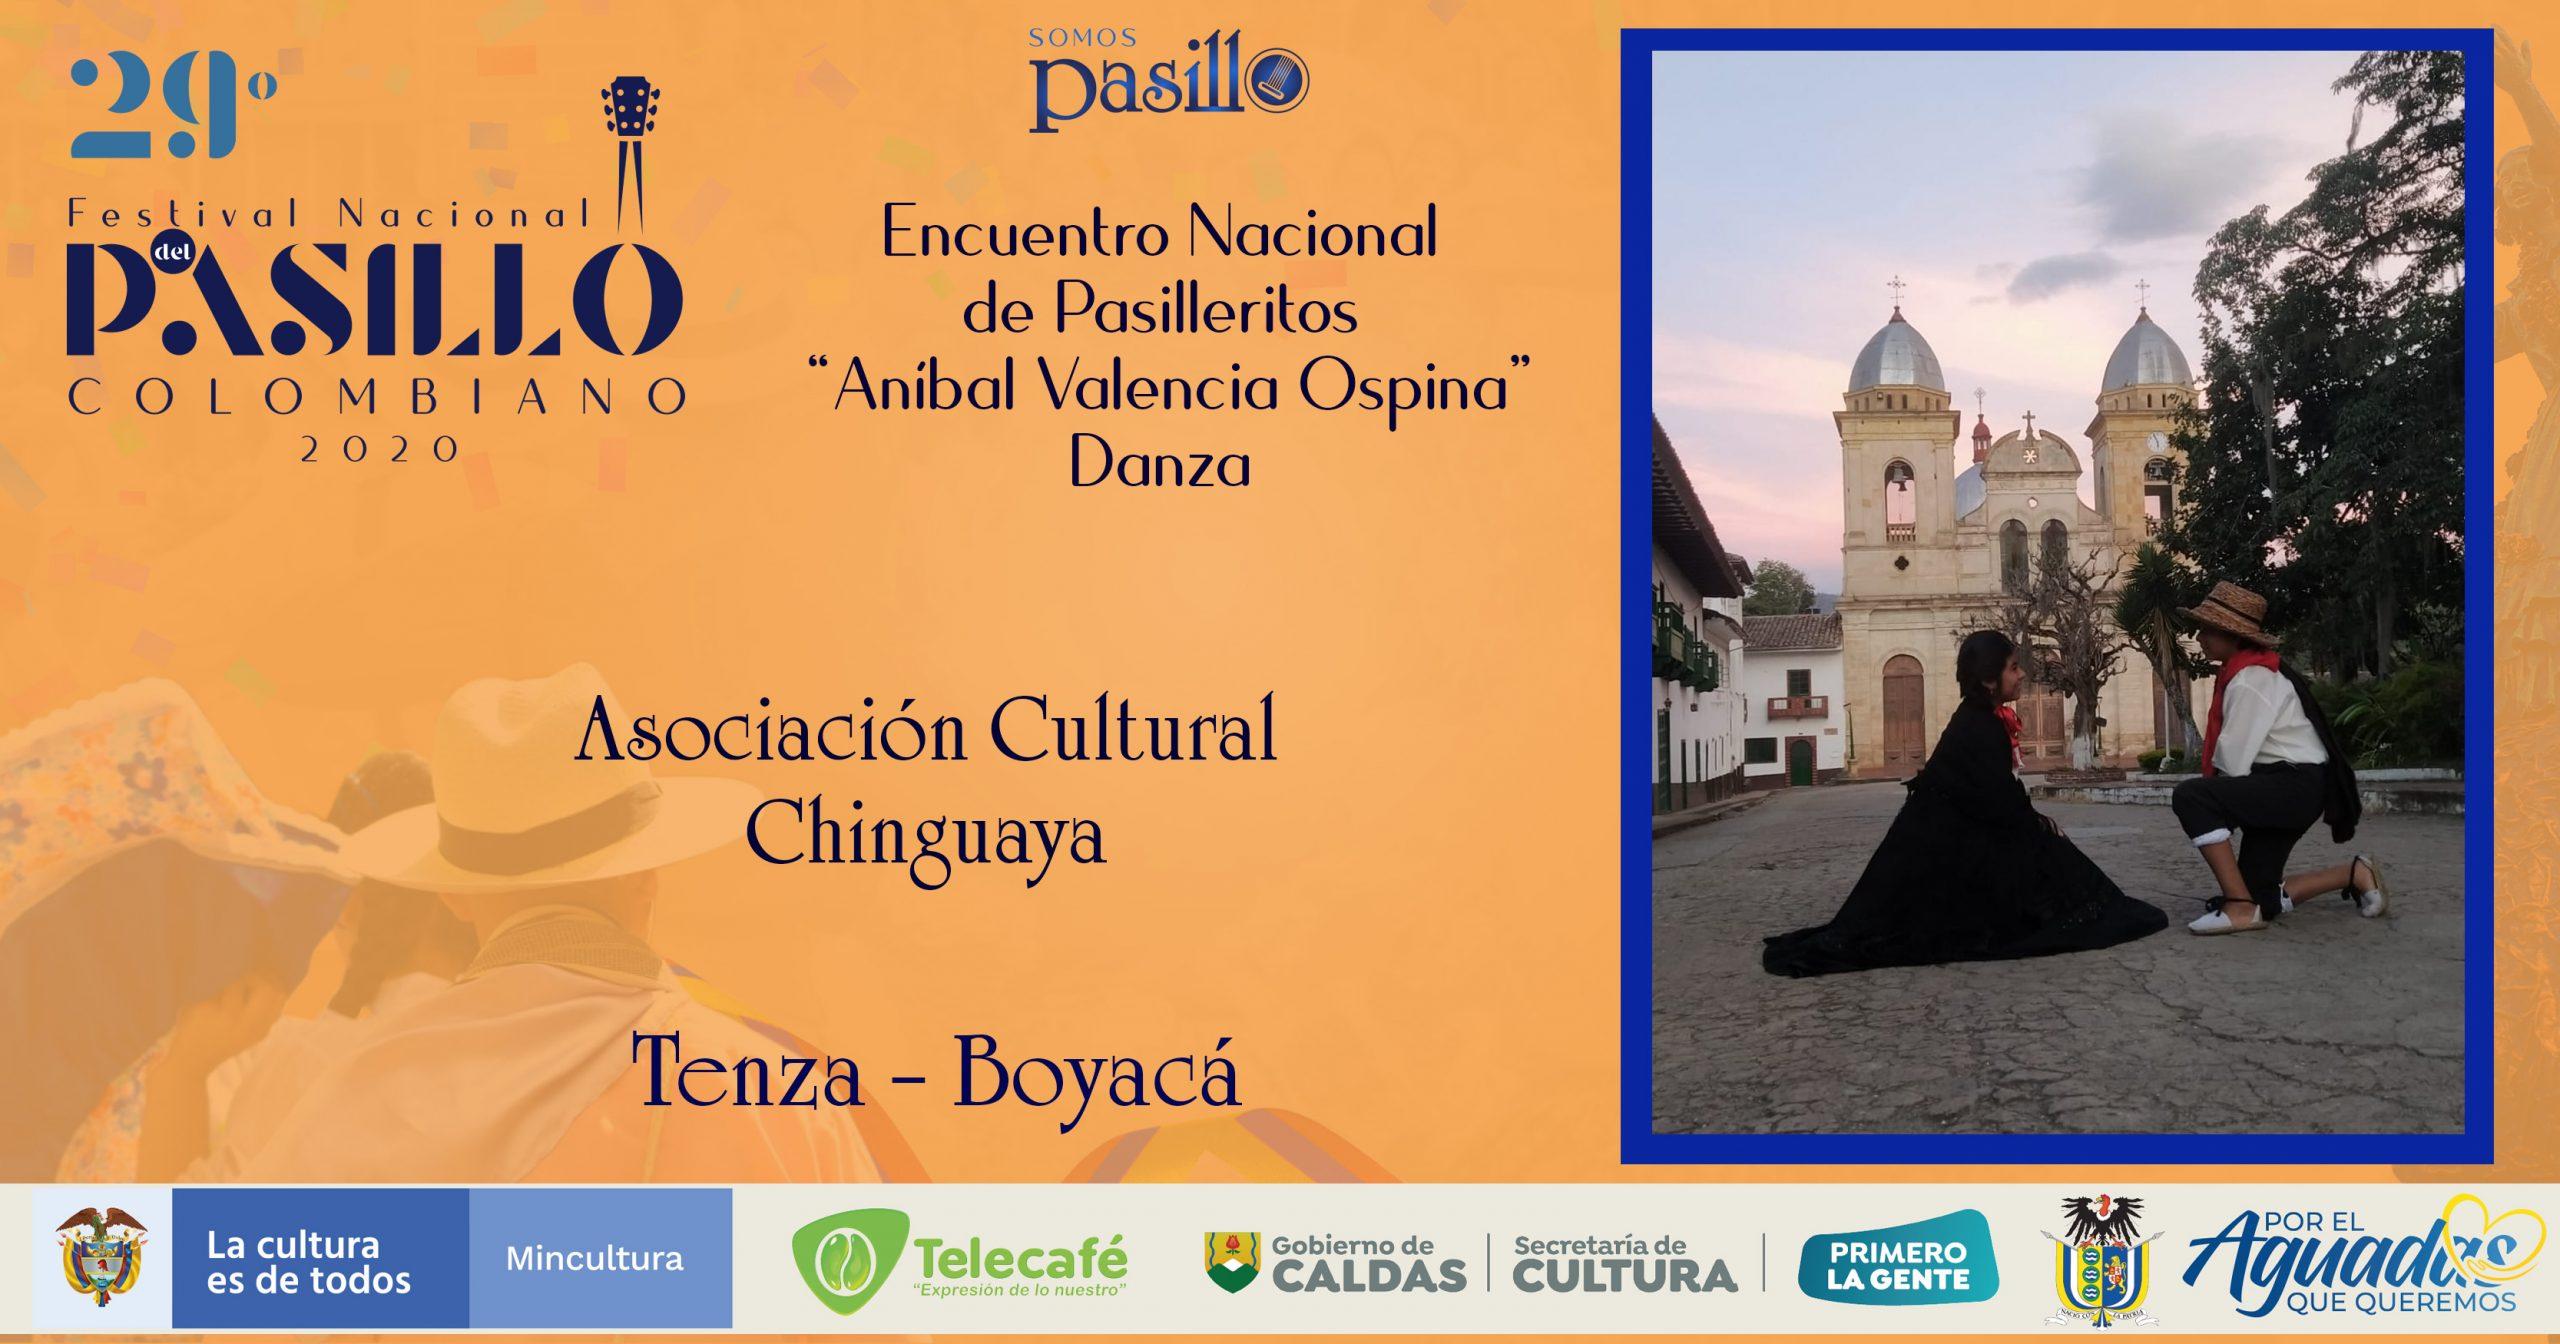 Asociación Cultural Chinguaya